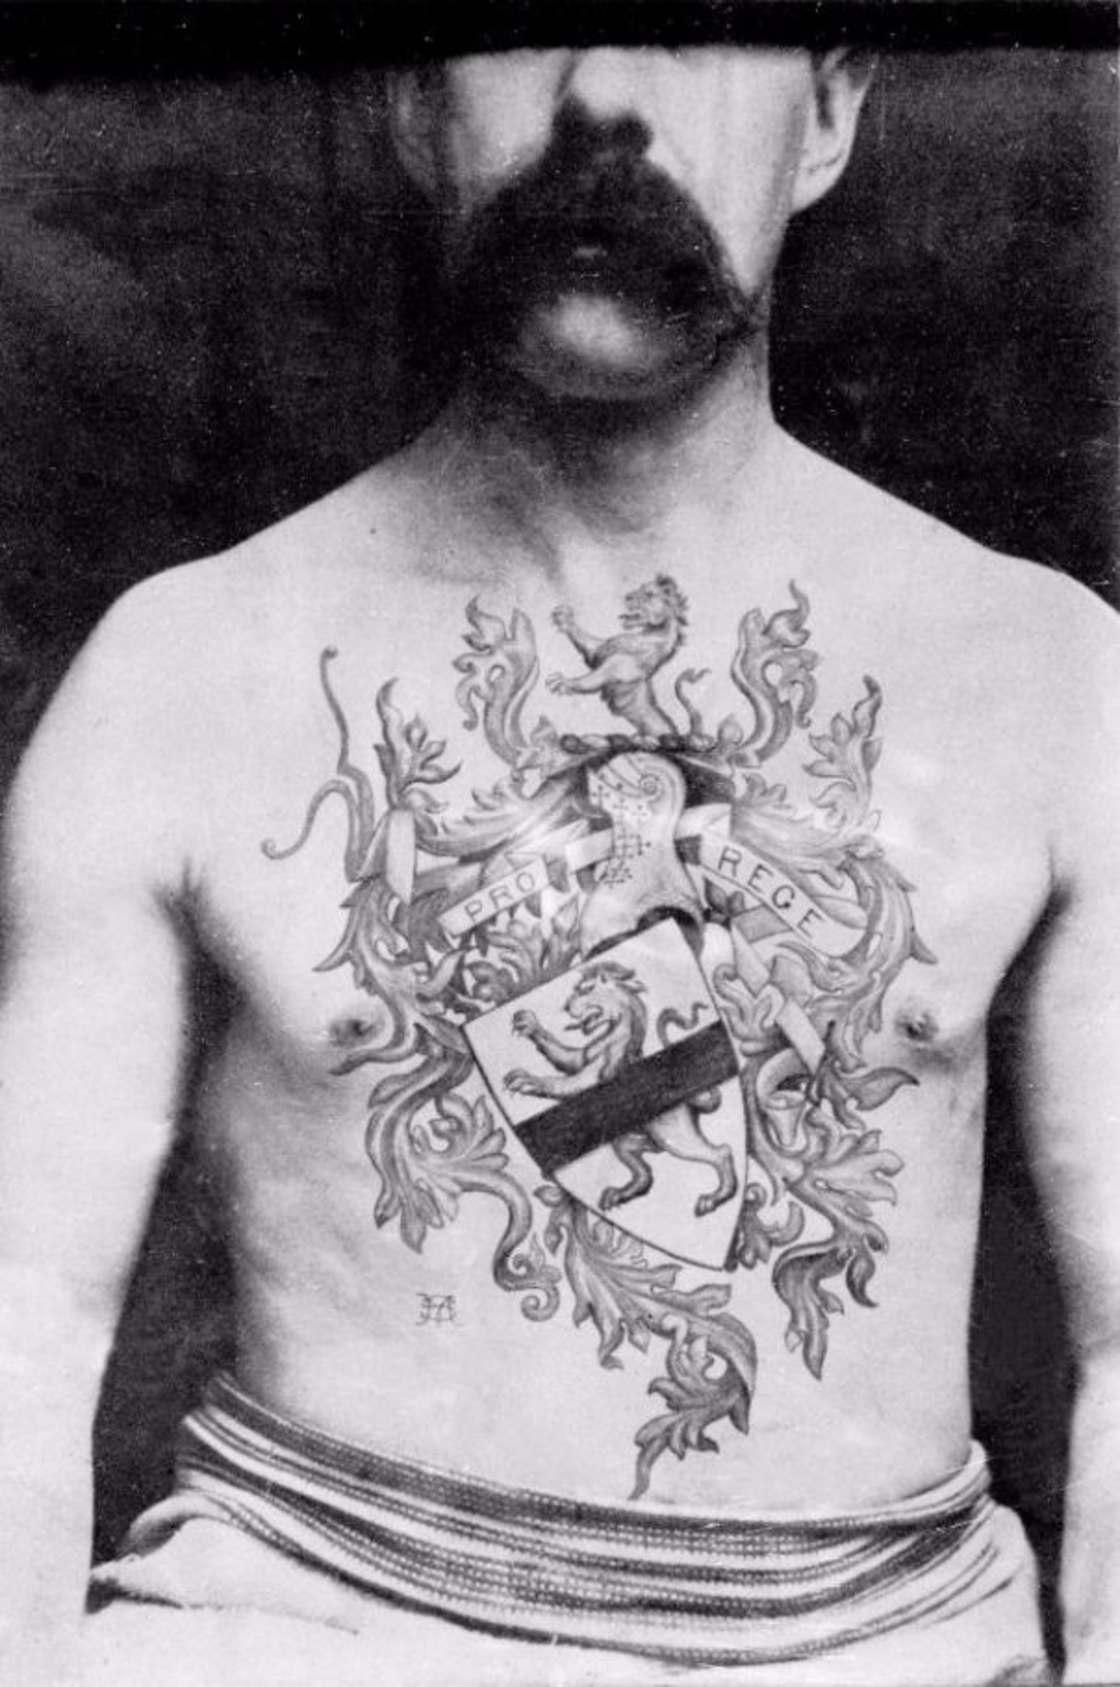 History of Tattoos - Les tatouages du premier artiste anglais en 1889